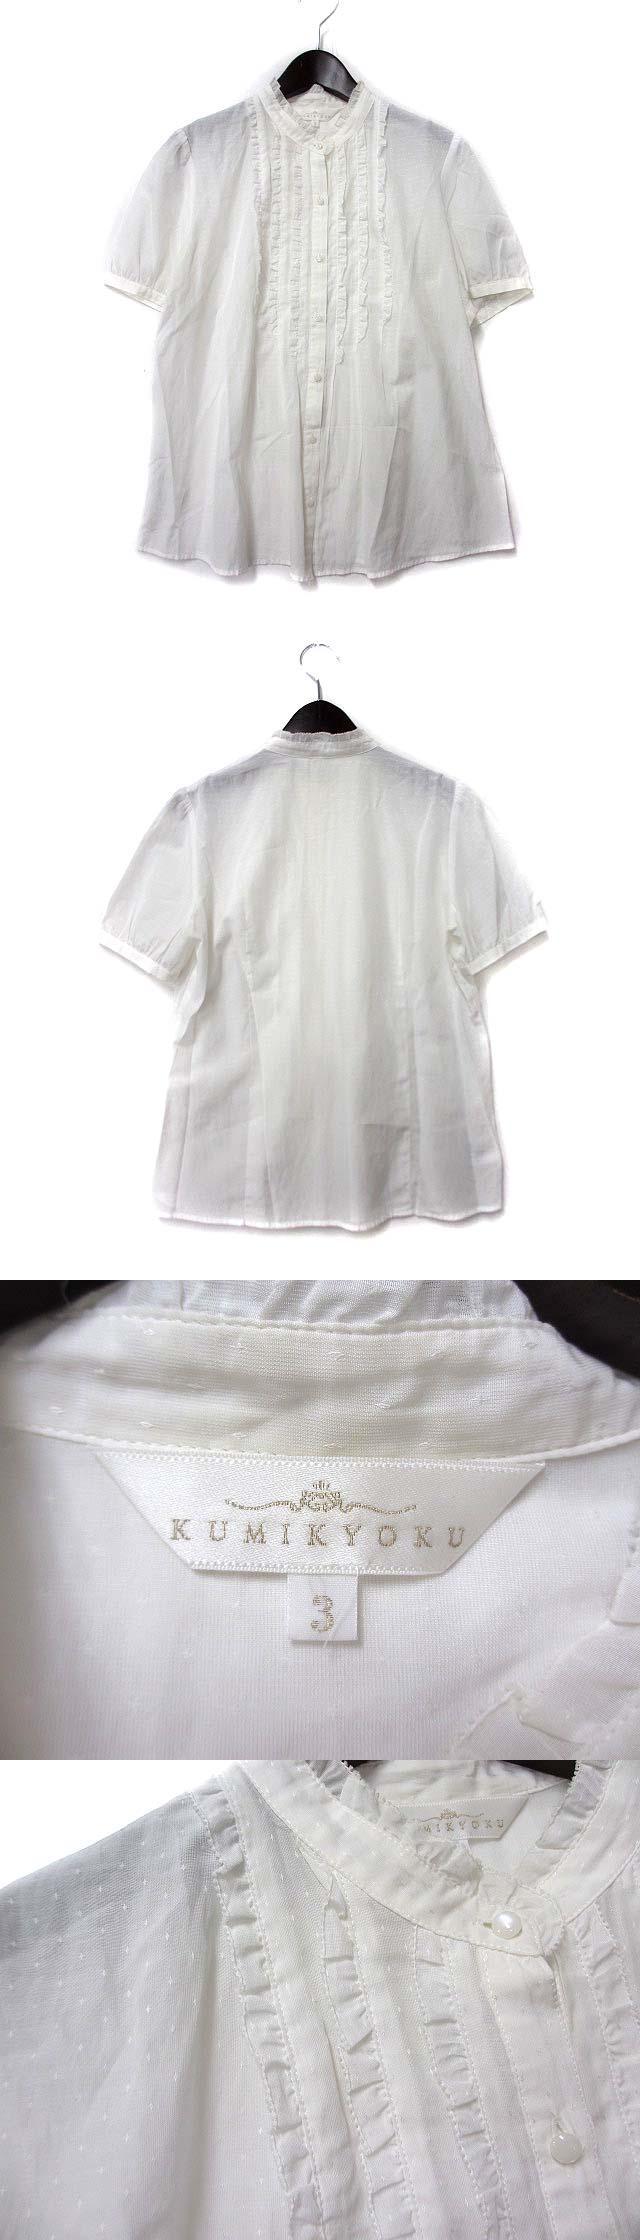 シャツ ブラウス 3 L オフホワイト コットン 半袖 ドット フリル